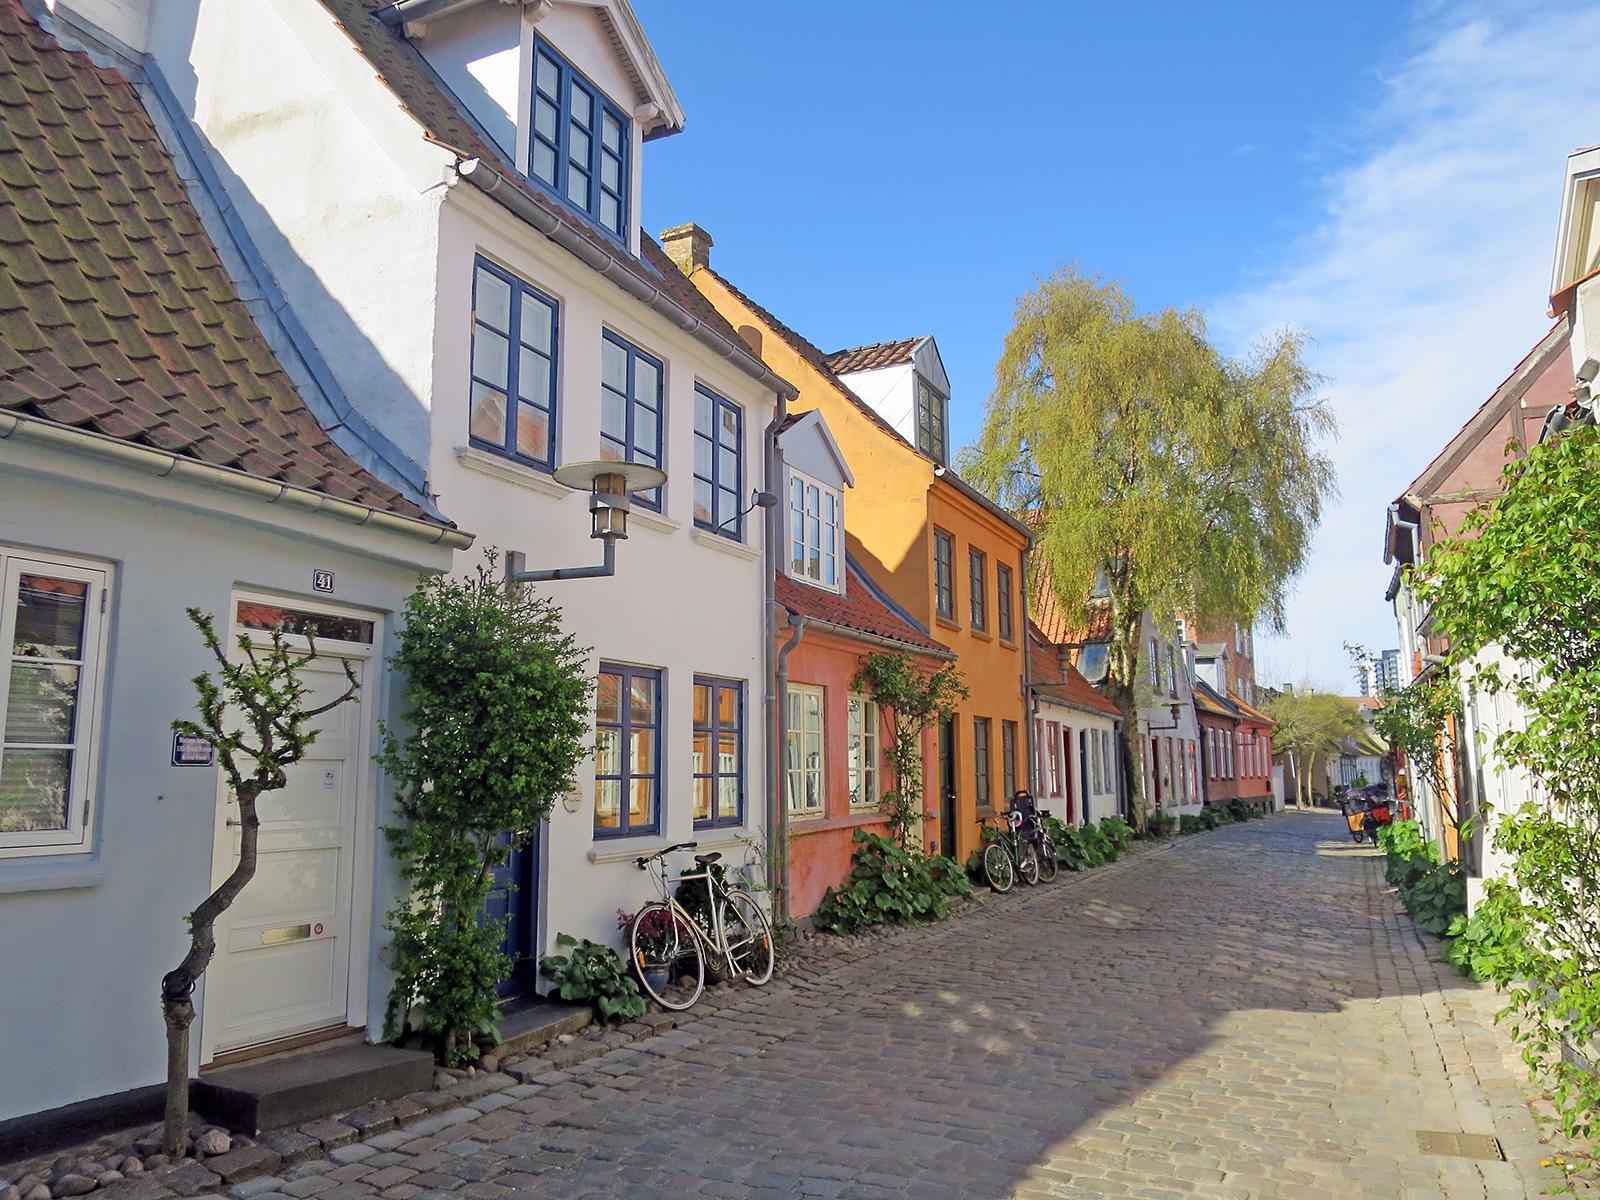 Aarhus statt Kopenhagen: 10 Dinge, die man in Aarhus unbedingt machen muss